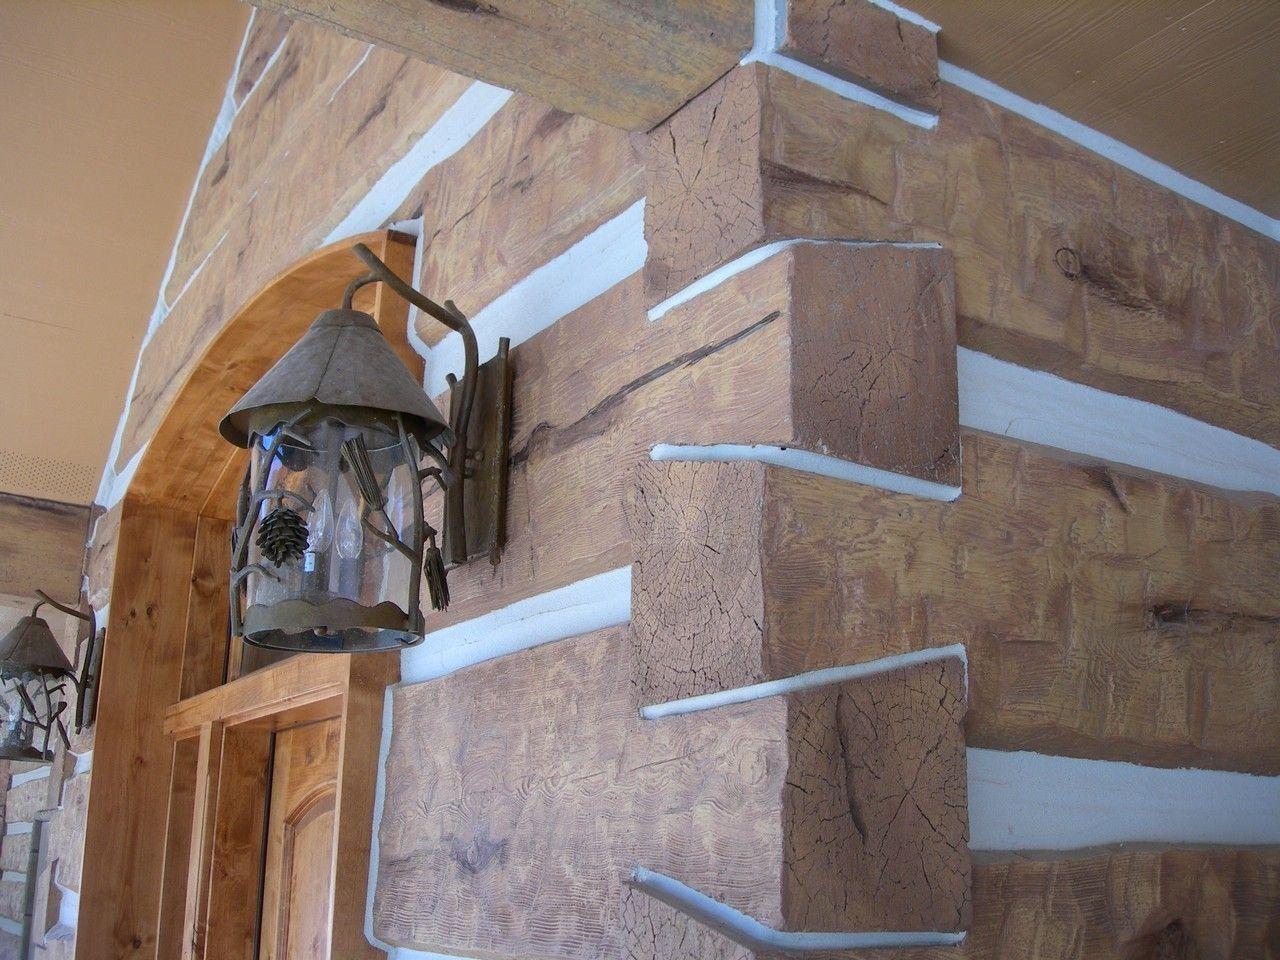 Alberton montana residence profile 16 hand hewn everlog for Buy log siding